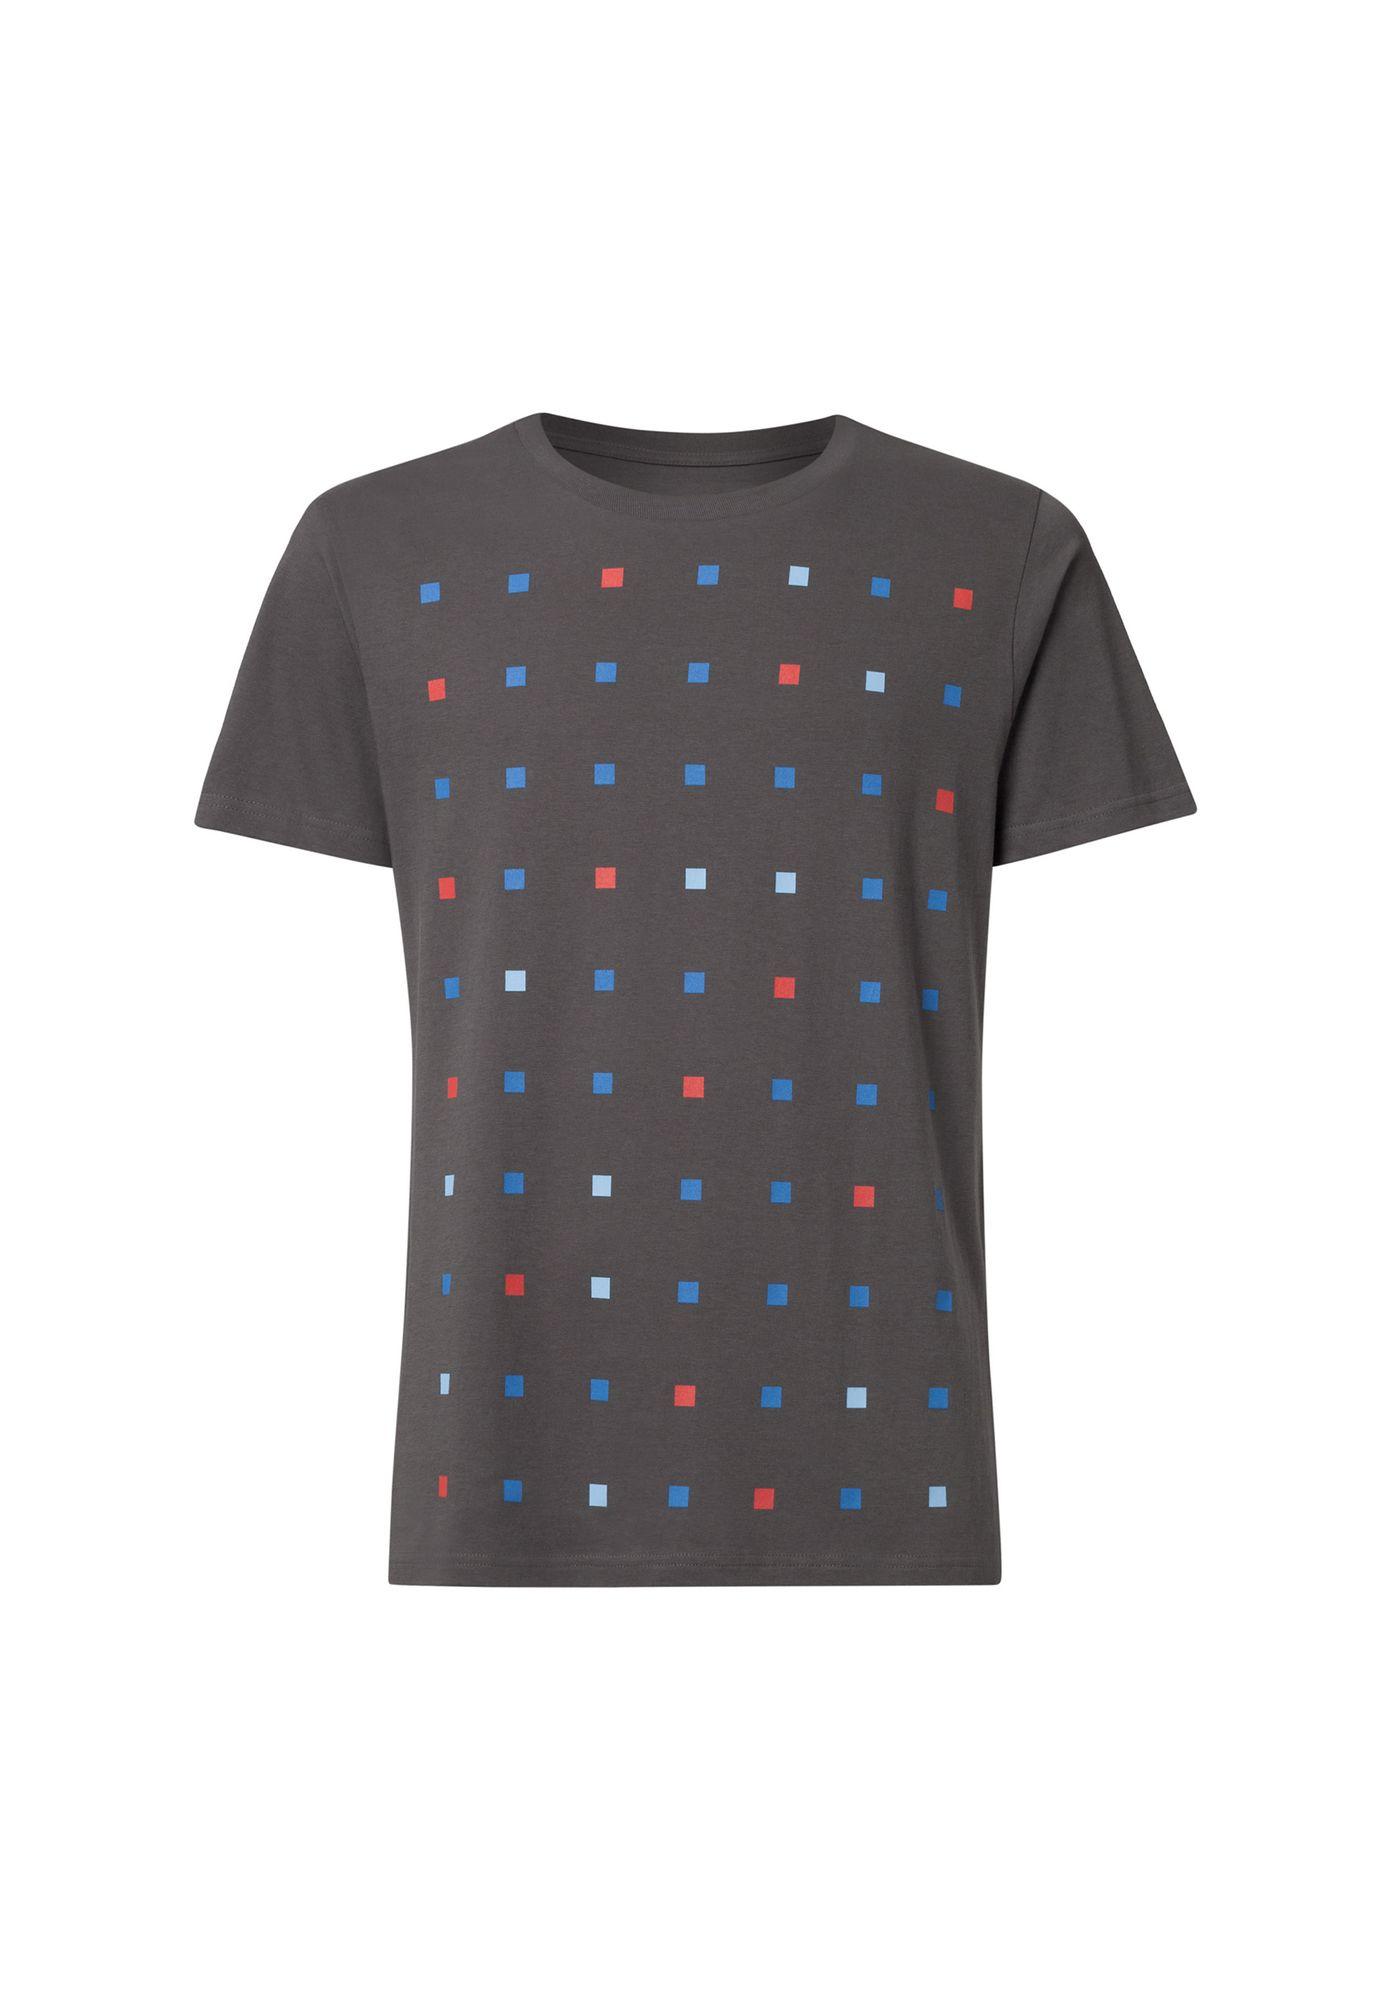 Squared T-Shirt castlerock GOTS & Fairtrade